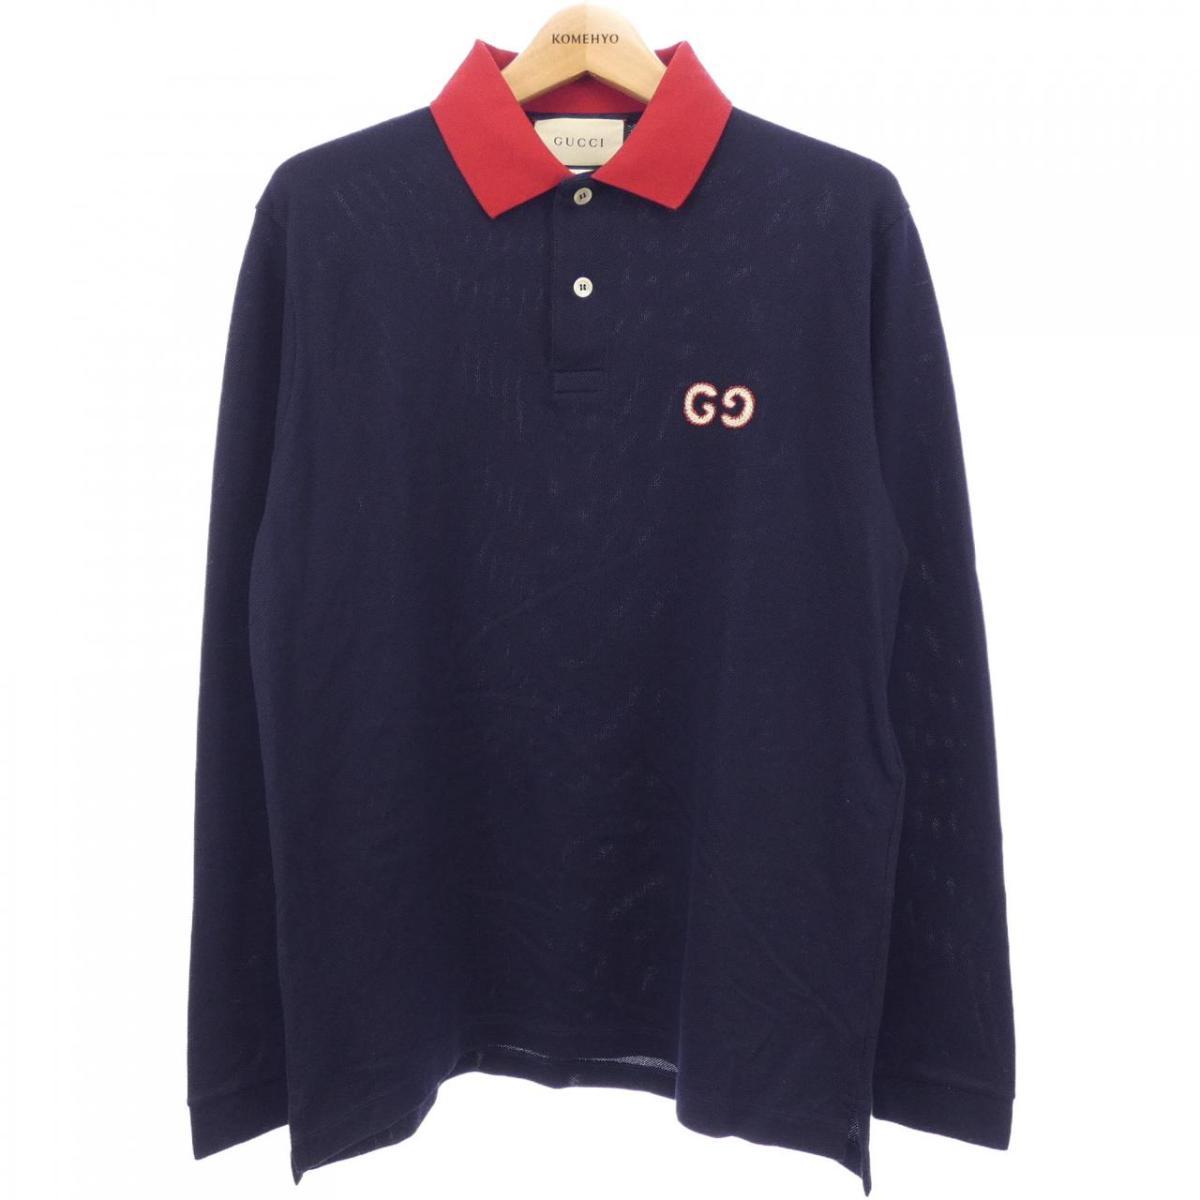 大幅値下げランキング グッチ 70%OFFアウトレット GUCCI ポロシャツ 中古